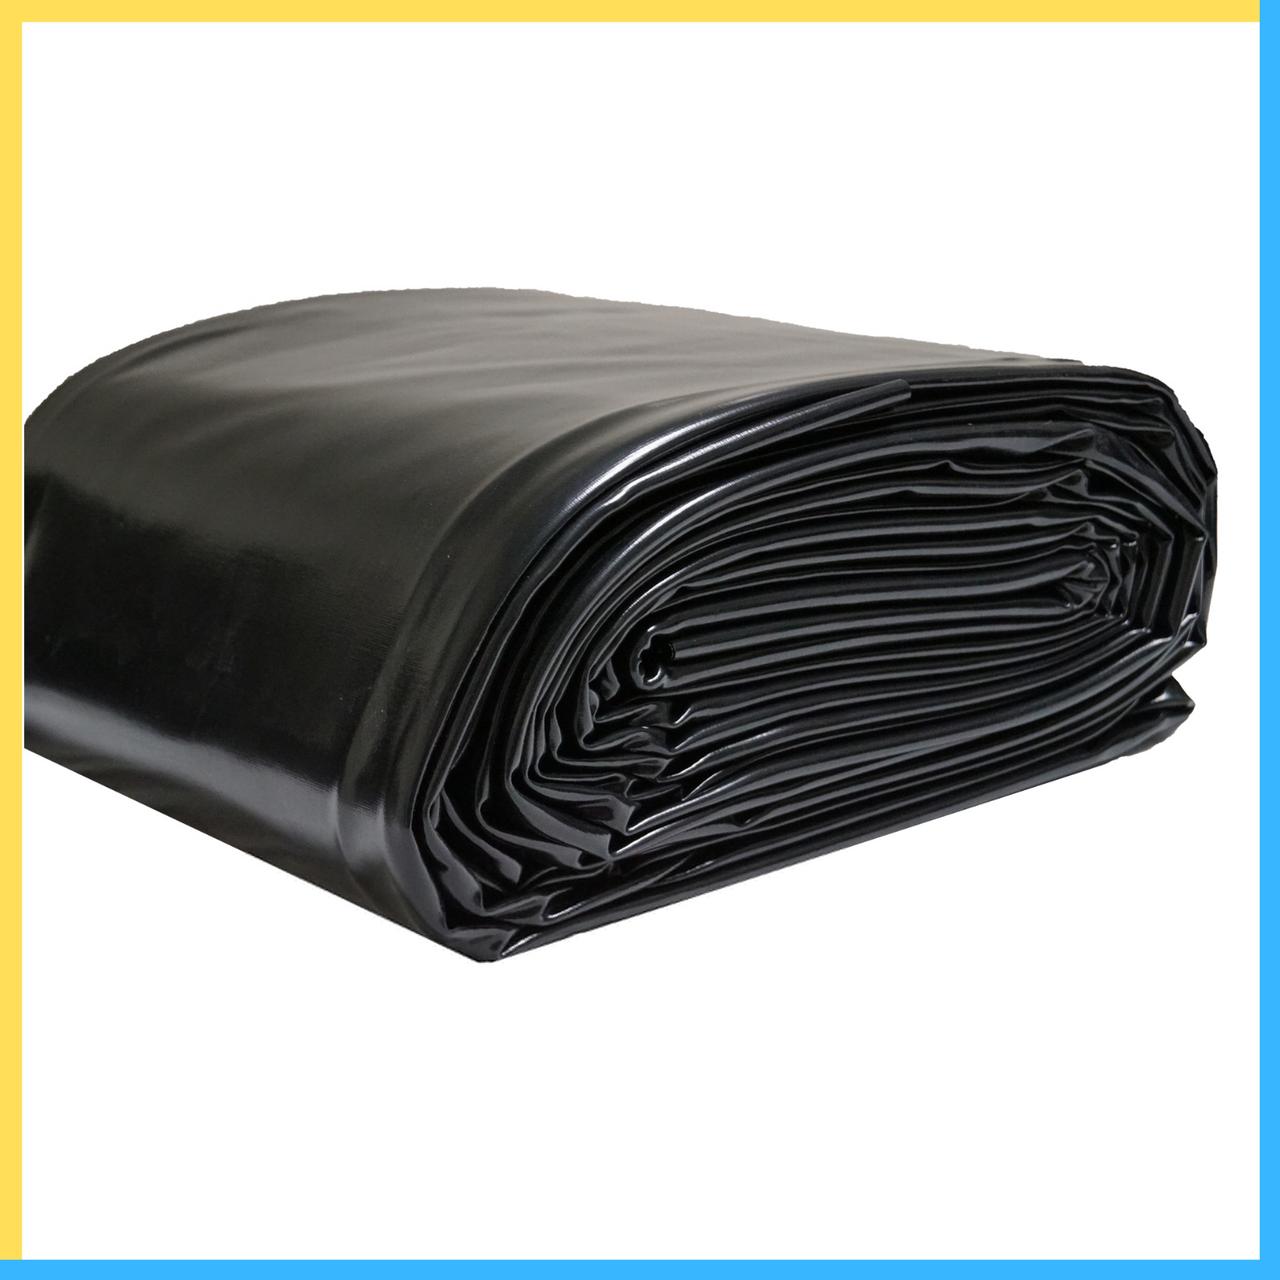 Чёрная плёнка на метраж 200 микрон (ширина 3 метра)